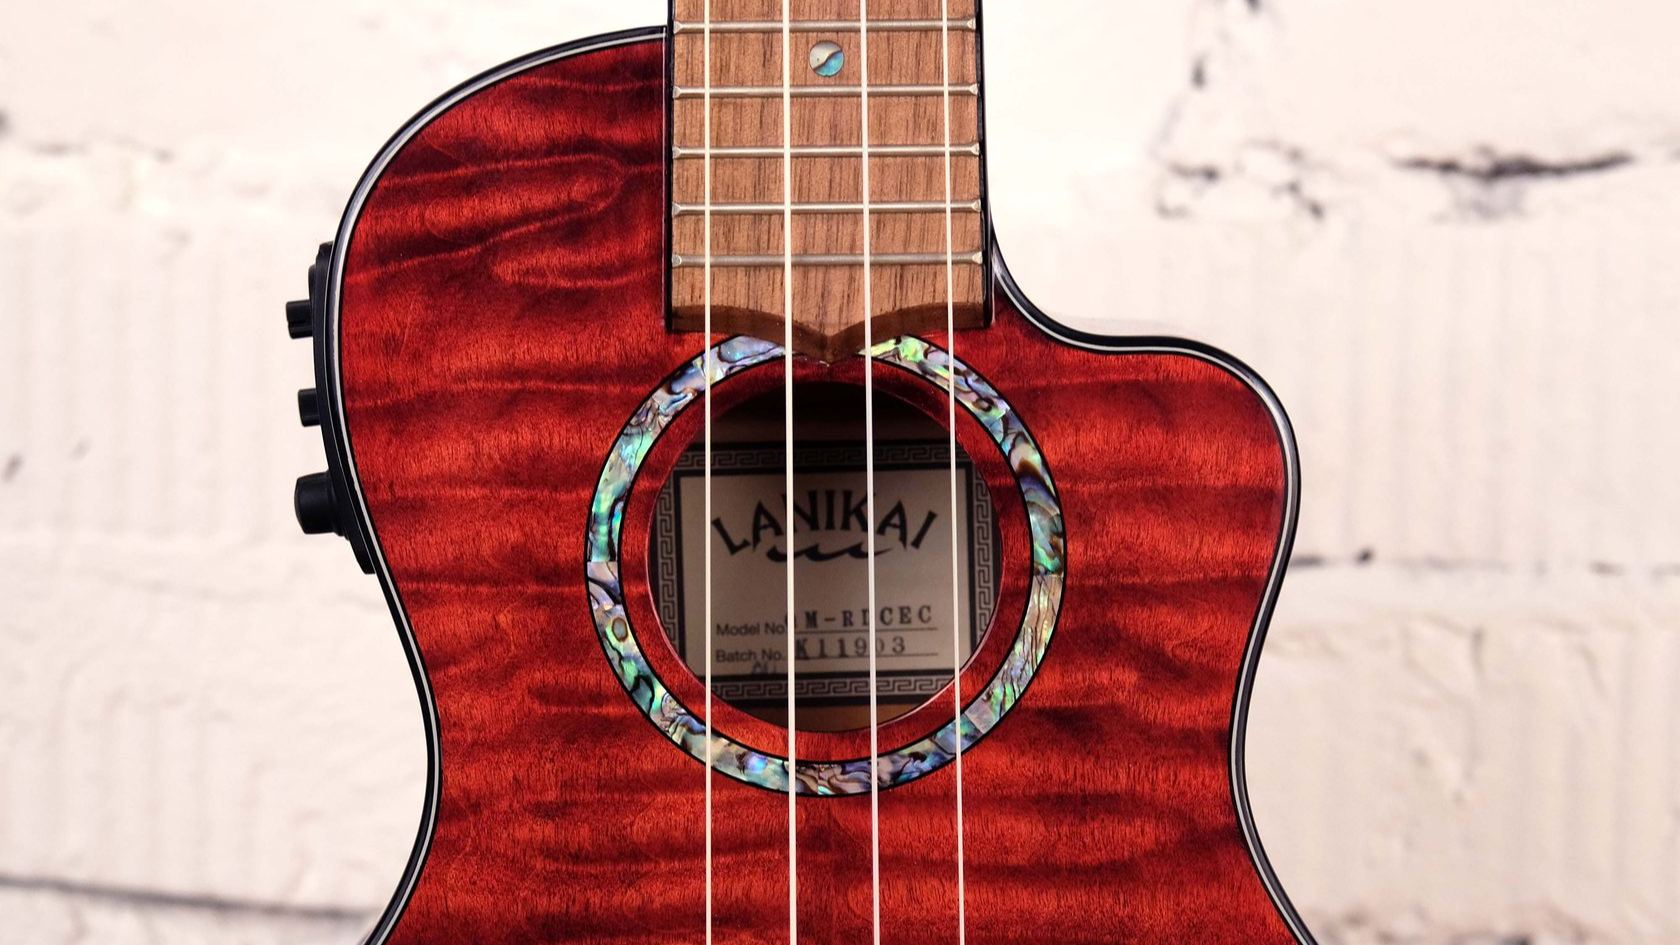 купить укулеле концерт Lanikai QM-RDCEC красного цвета со звукоснимателем и встроенным тюнером Fishman в магазине укулеле ukelovers, ukulele, укулеле из клена